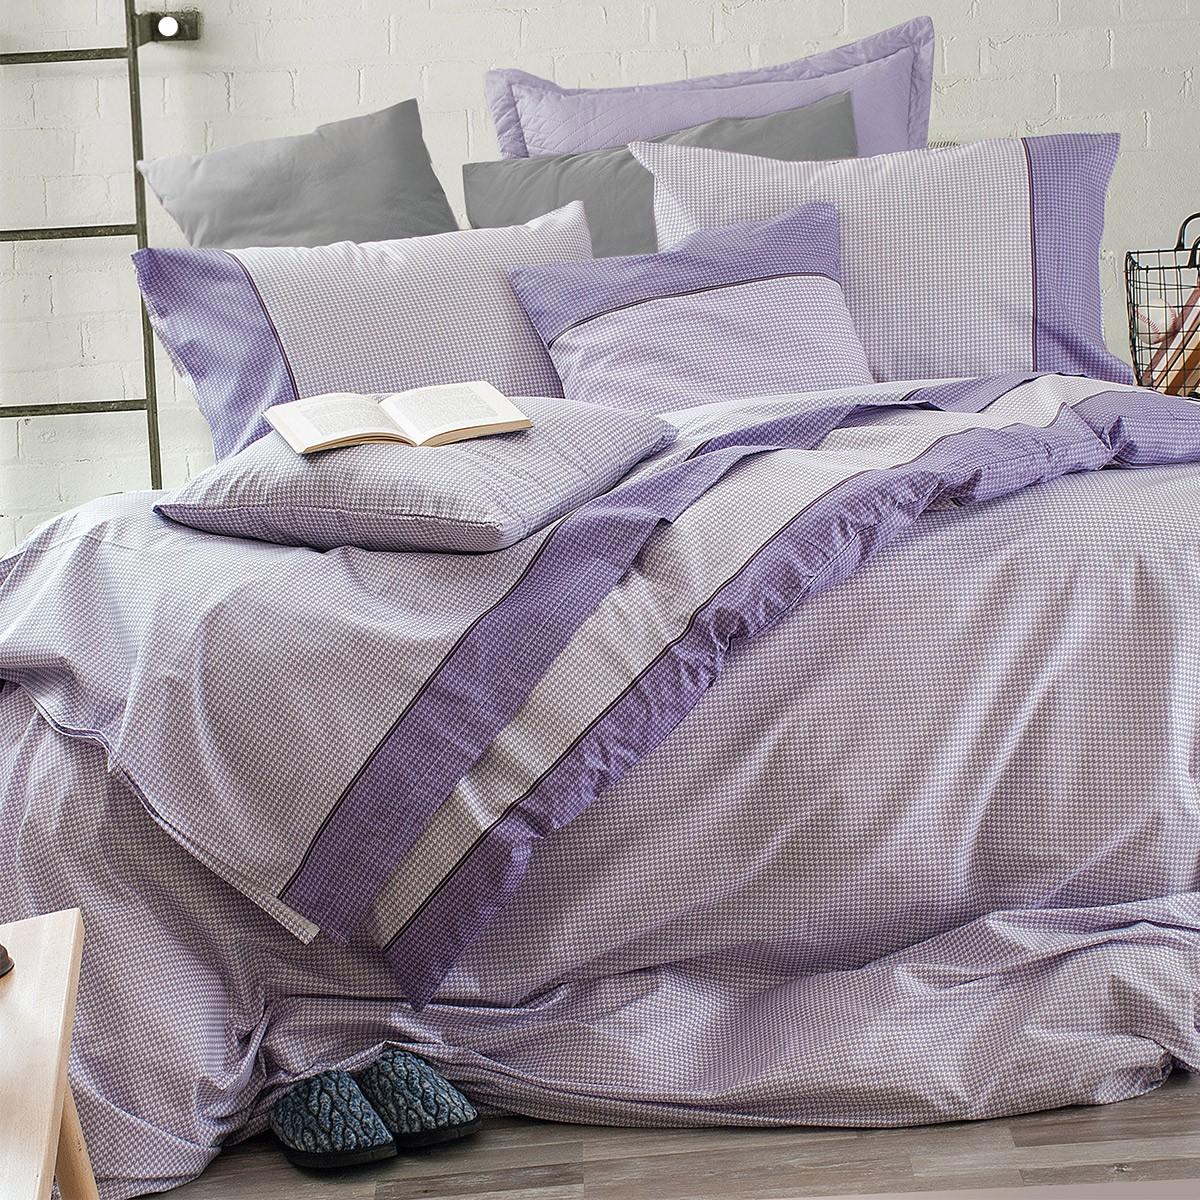 Σεντόνια Υπέρδιπλα (Σετ) Rythmos Next More Purple ΜΕ ΛΑΣΤΙΧΟ 165x205+25 ΜΕ ΛΑΣΤΙΧΟ 165x205+25